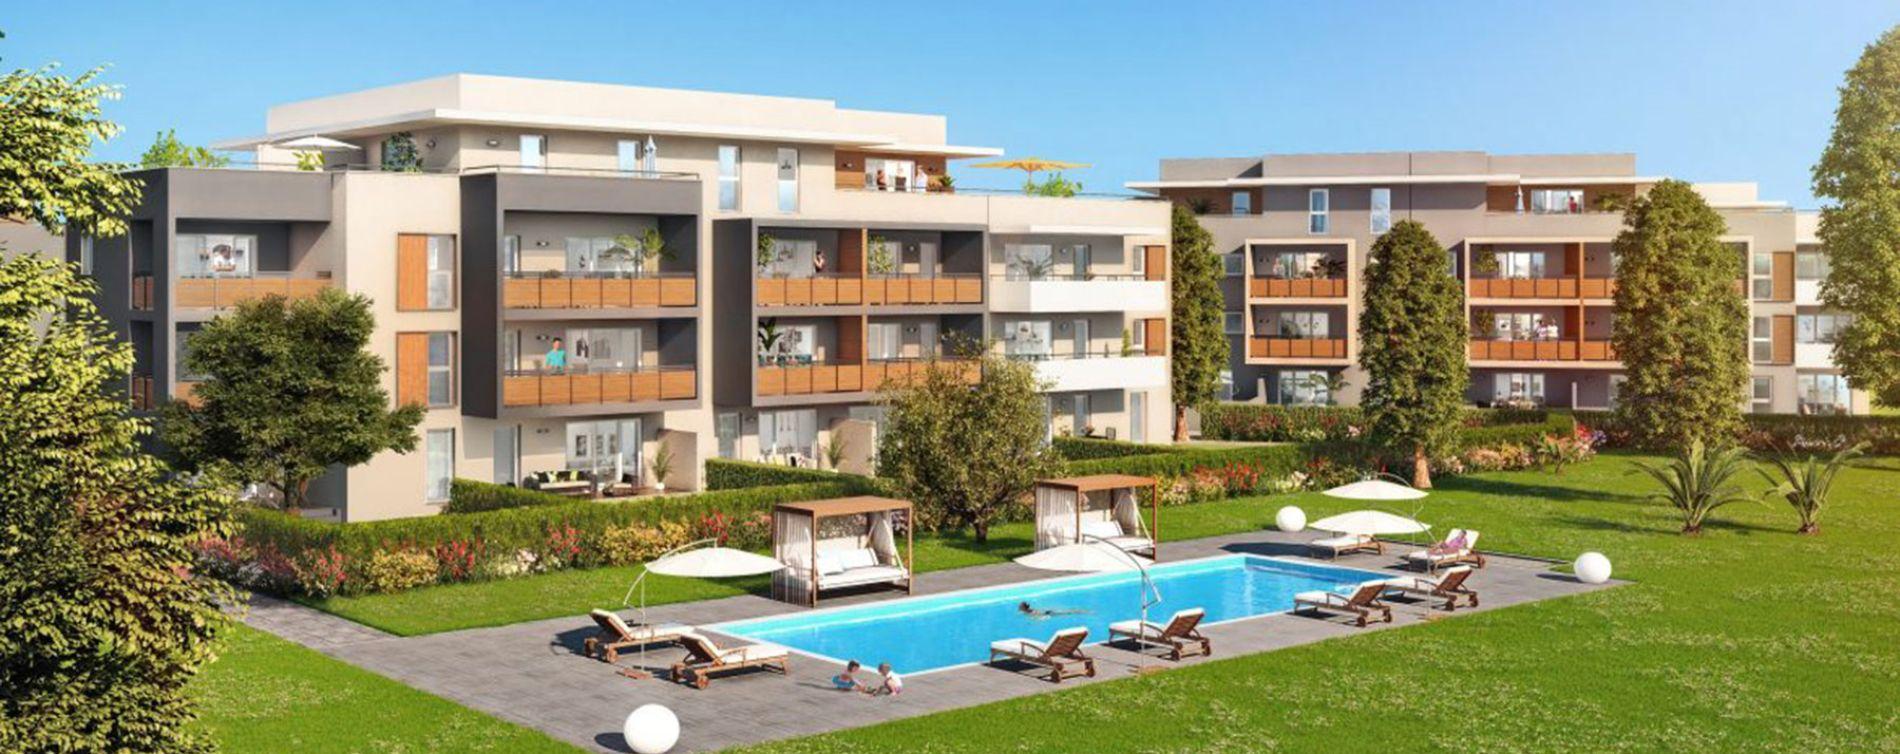 Fréjus : programme immobilier neuve « Esterel Grand Parc » (3)